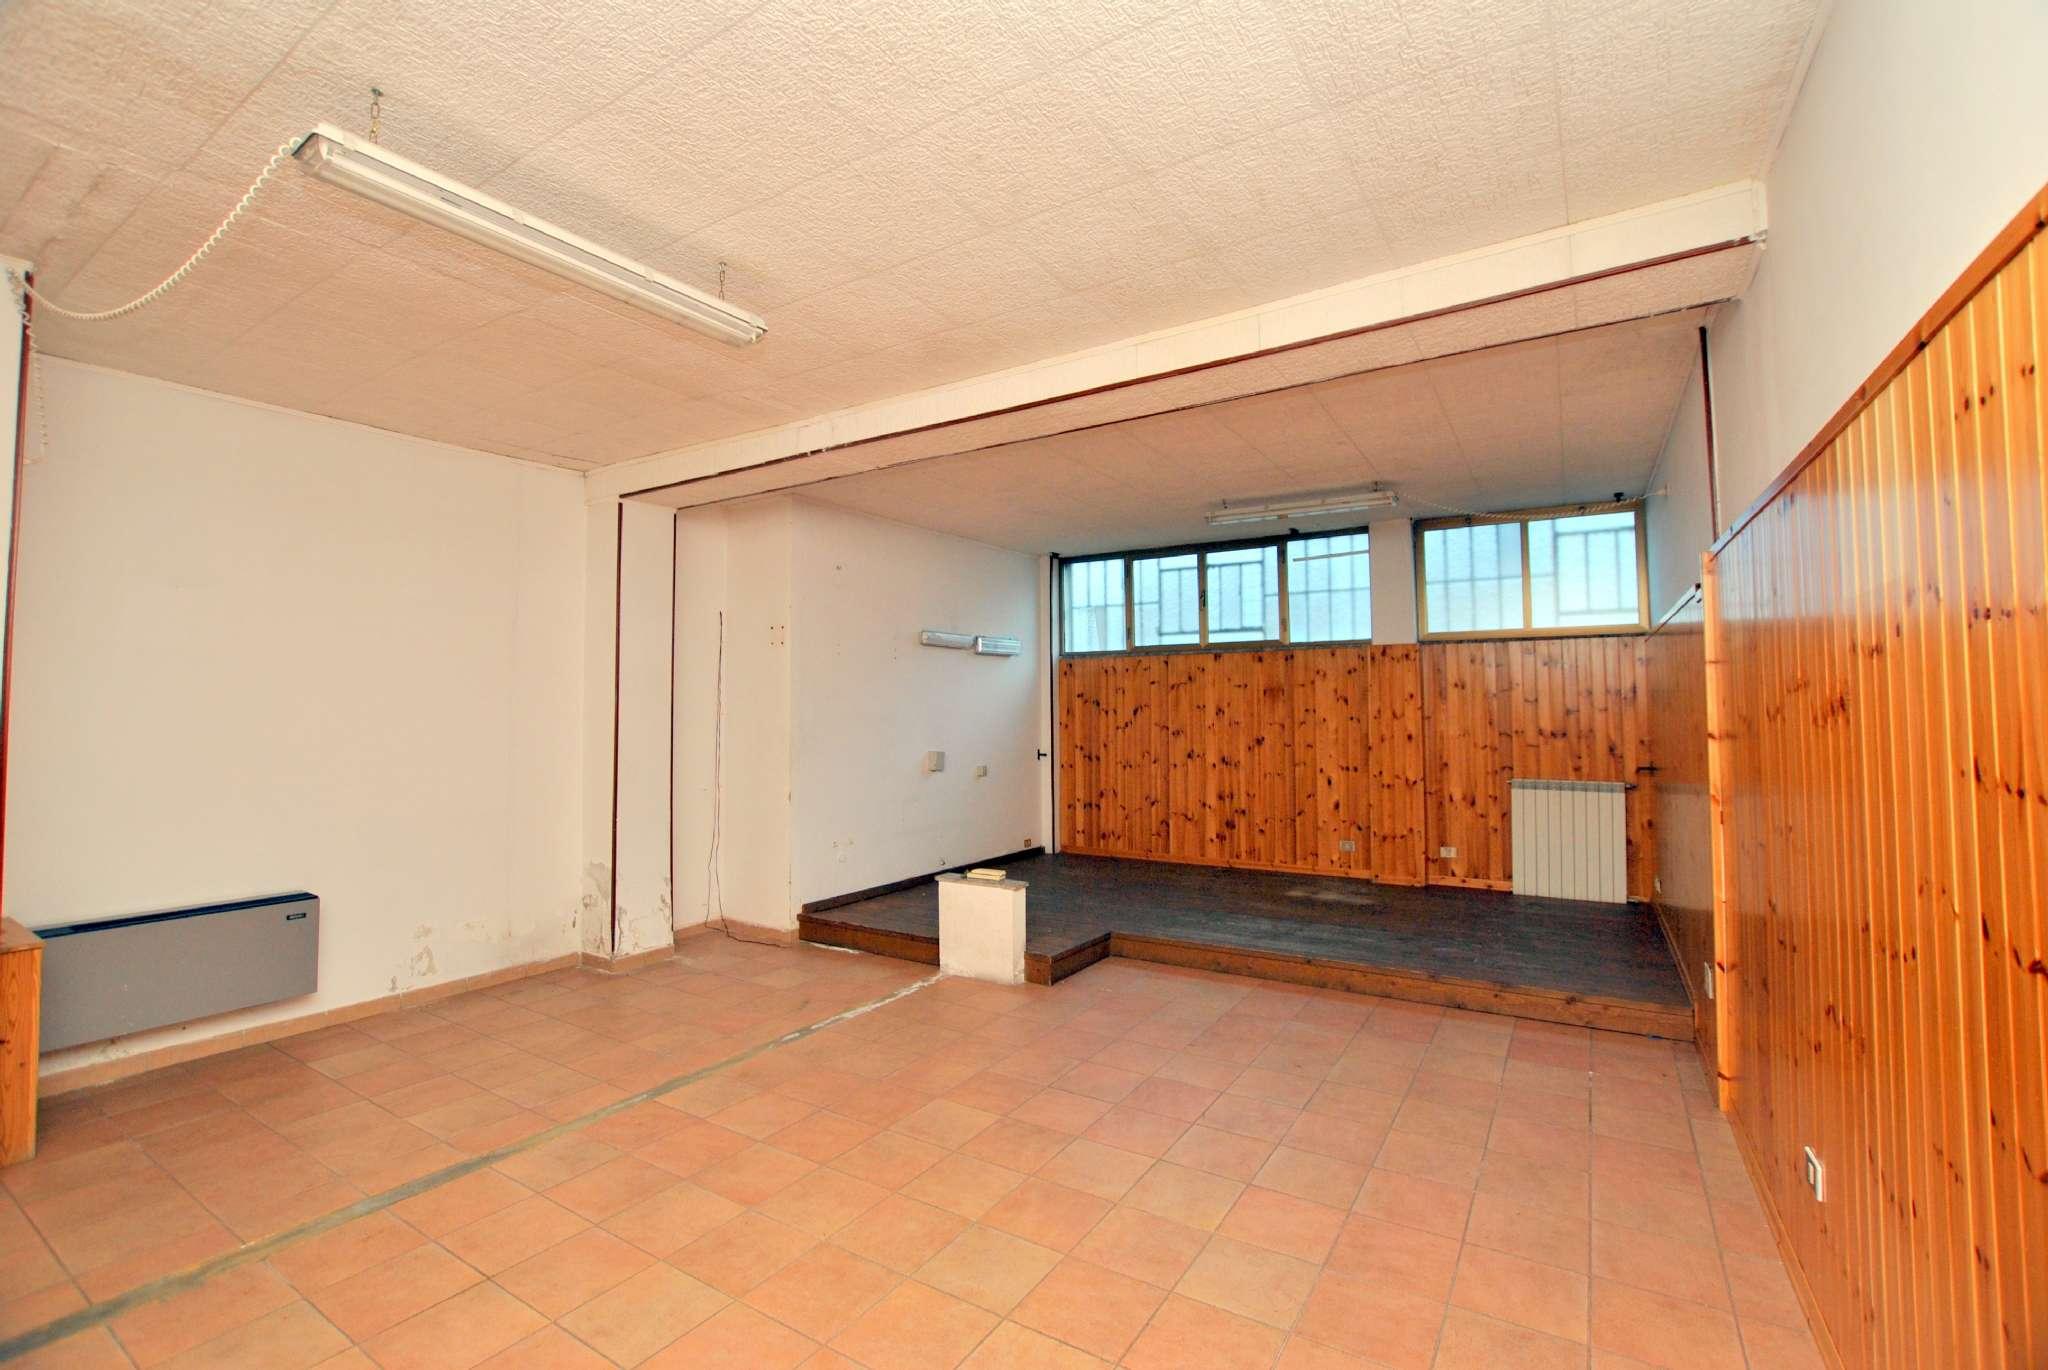 Magazzino in vendita a Sant'Antonino di Susa, 3 locali, prezzo € 22.500 | CambioCasa.it